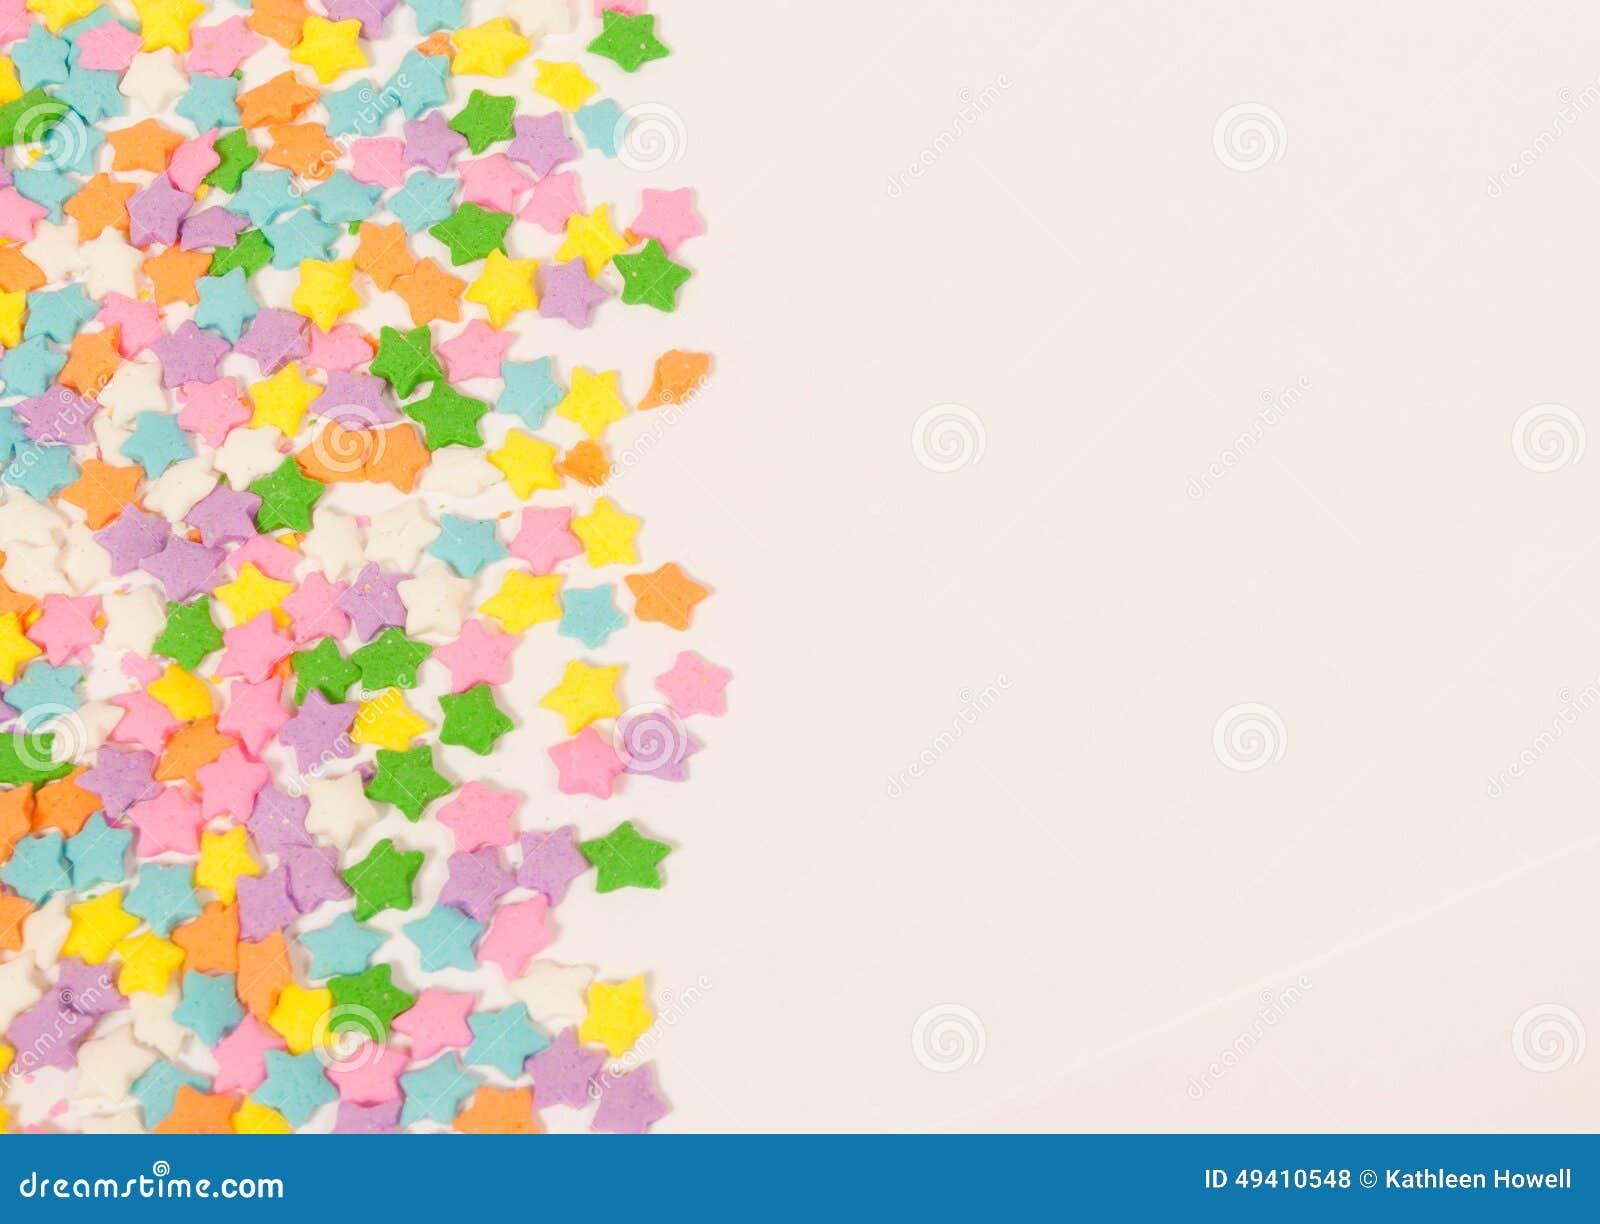 Download Pastell Spielt Grenze Die Hauptrolle Stockfoto - Bild von dekoration, rand: 49410548